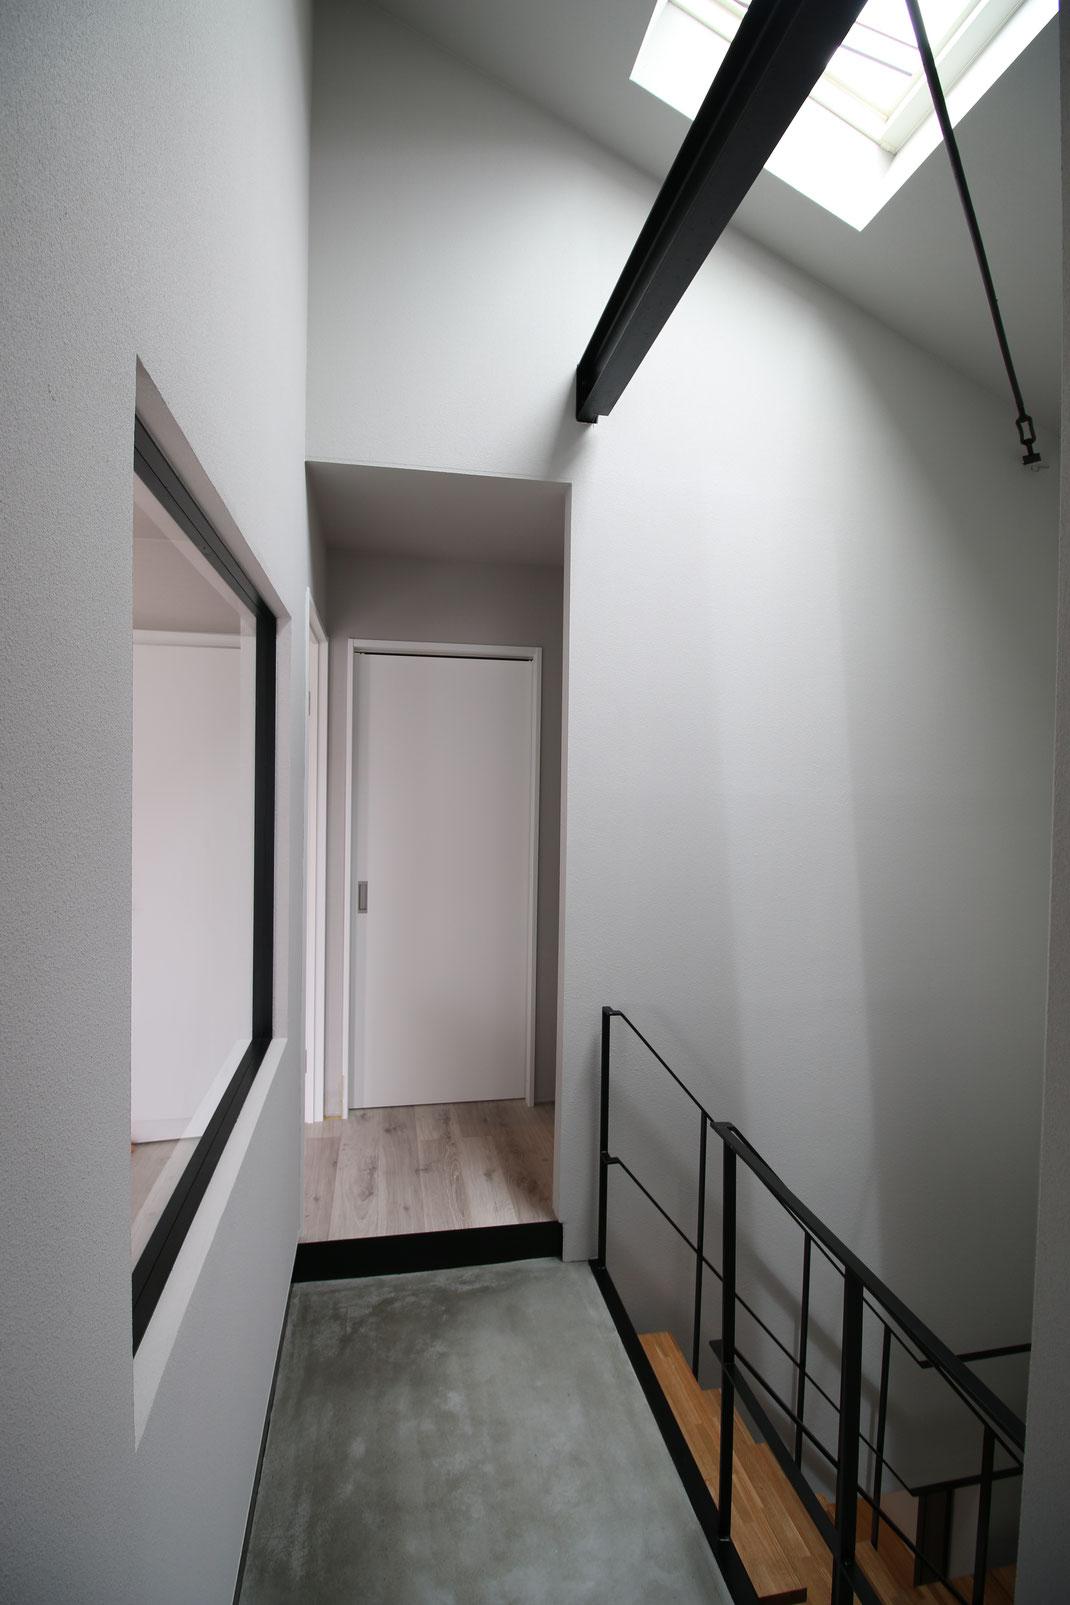 天窓からの光を取りれるリノベーション・空間デザイン